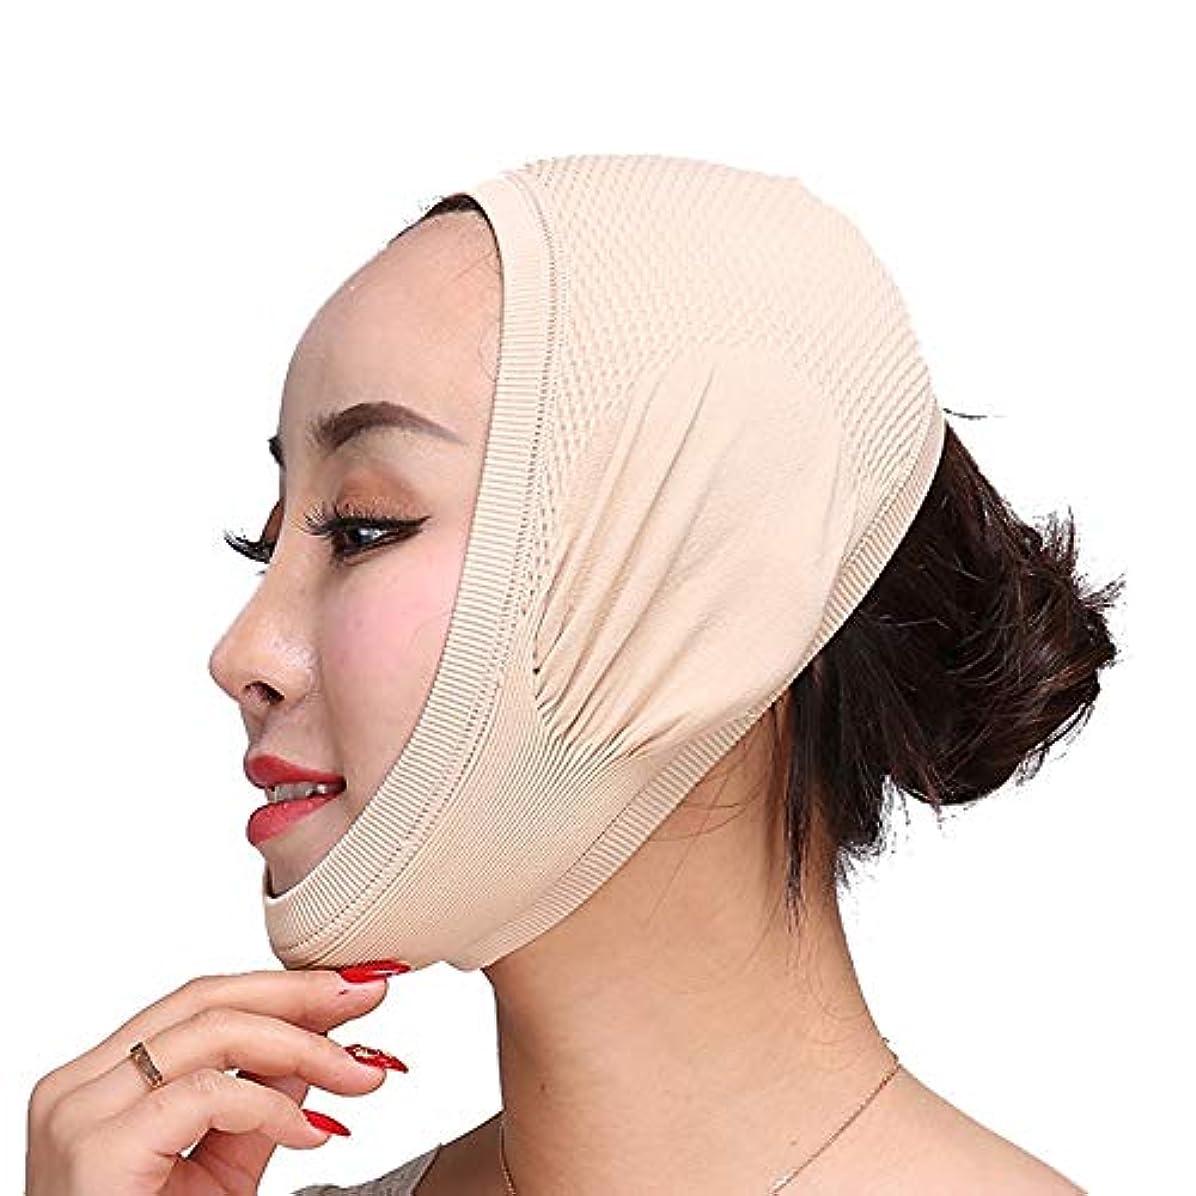 背の高いフリンジうつ薄い顔ベルト、スリープ包帯防止ひげルーピングリフティングファーミング顔の皮膚ダブルチンリデューサー薄い顔ステッカーVフェイスマスク (Color : A)